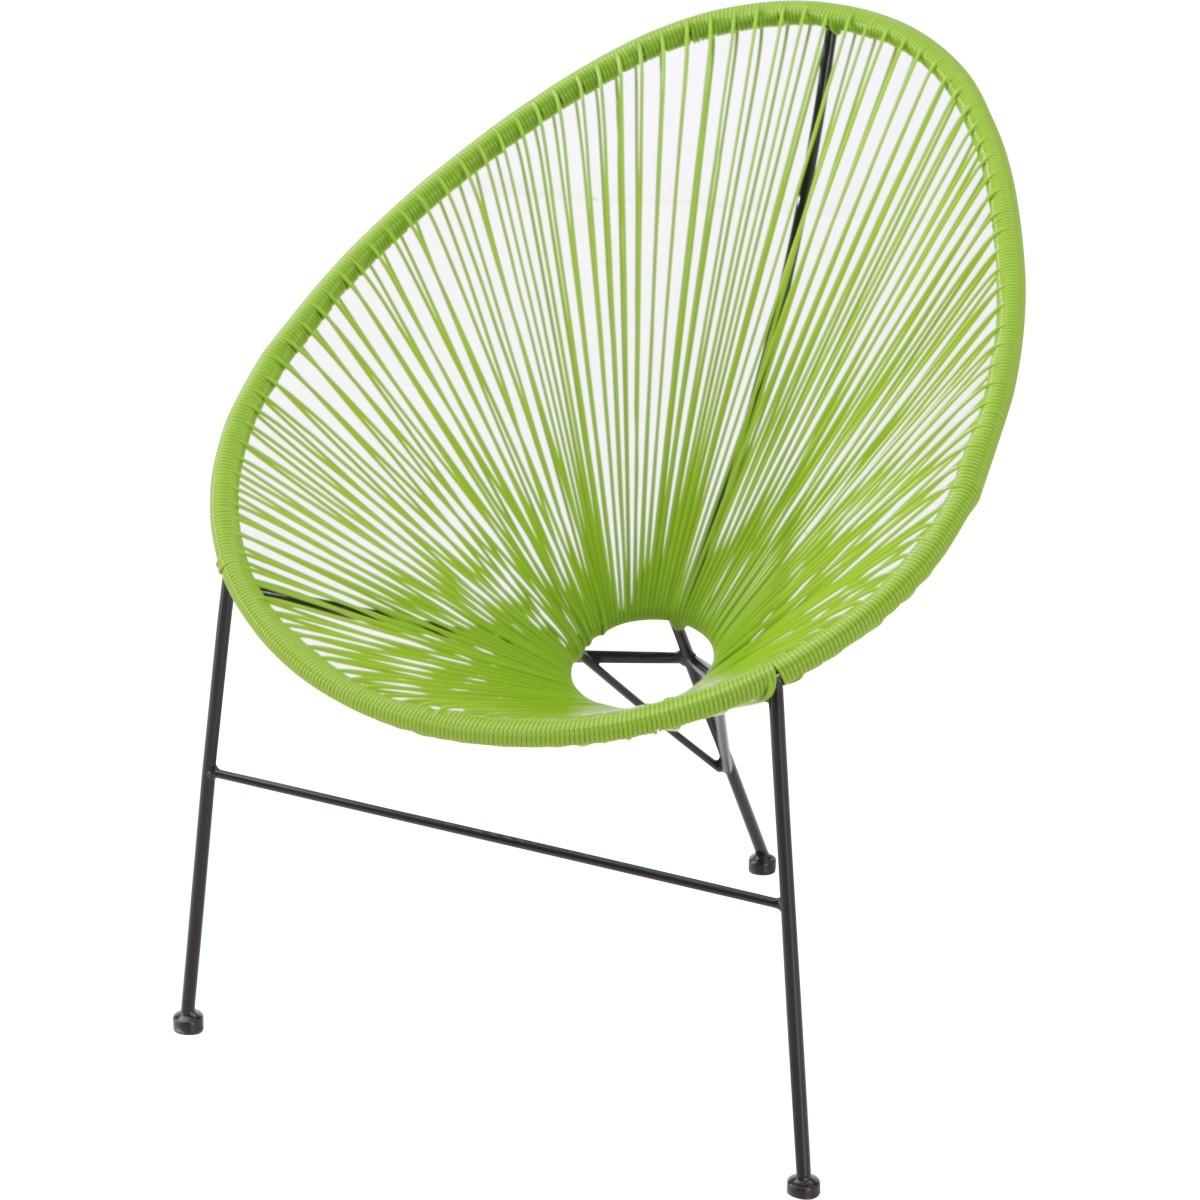 Стул садовый плетеный Acapulco 900x870x720 мм цвет зеленый